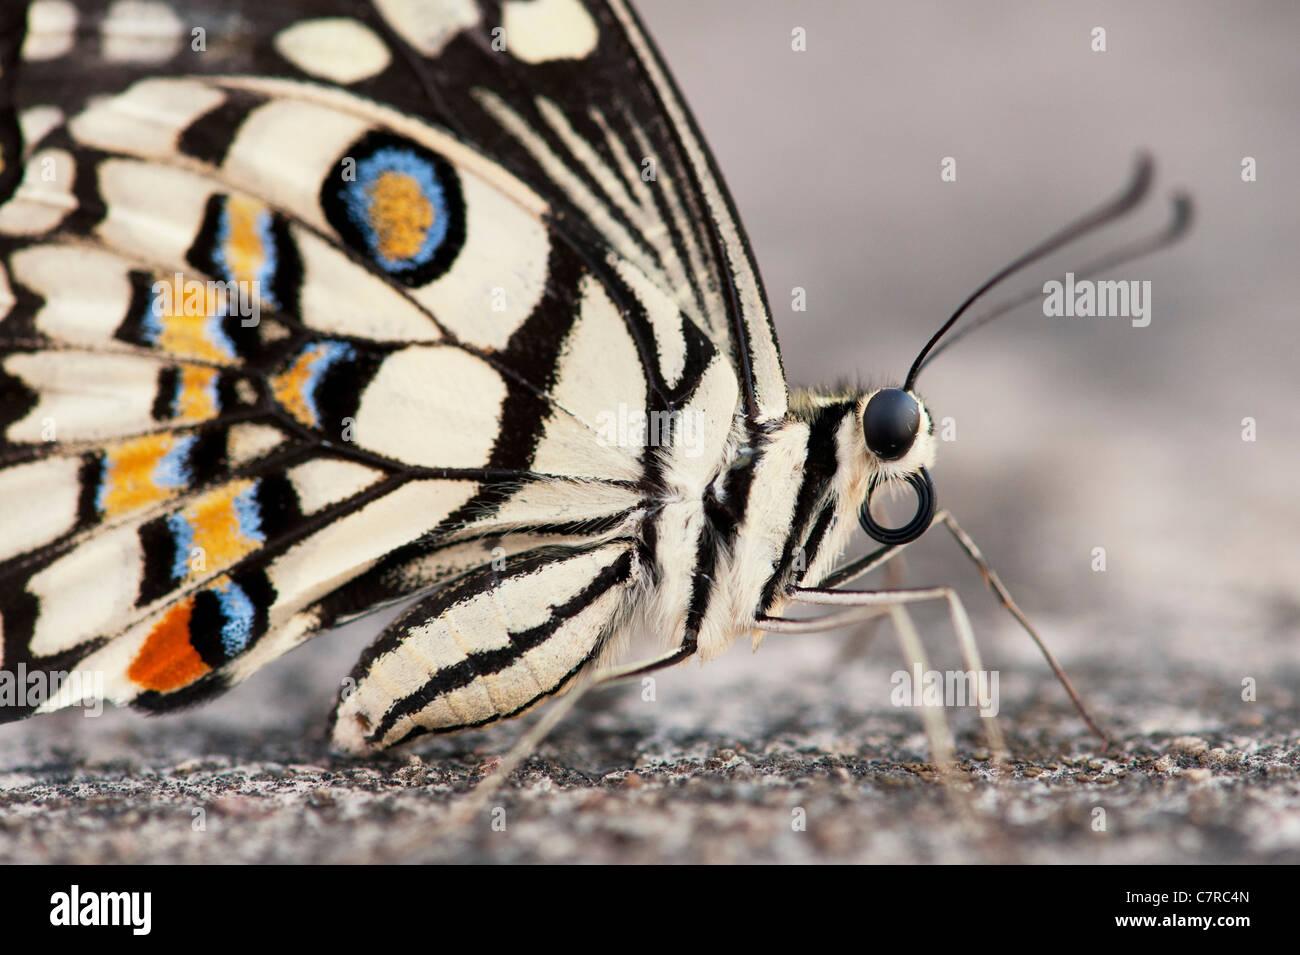 Papilio demoleus . Farfalla di lime Immagini Stock